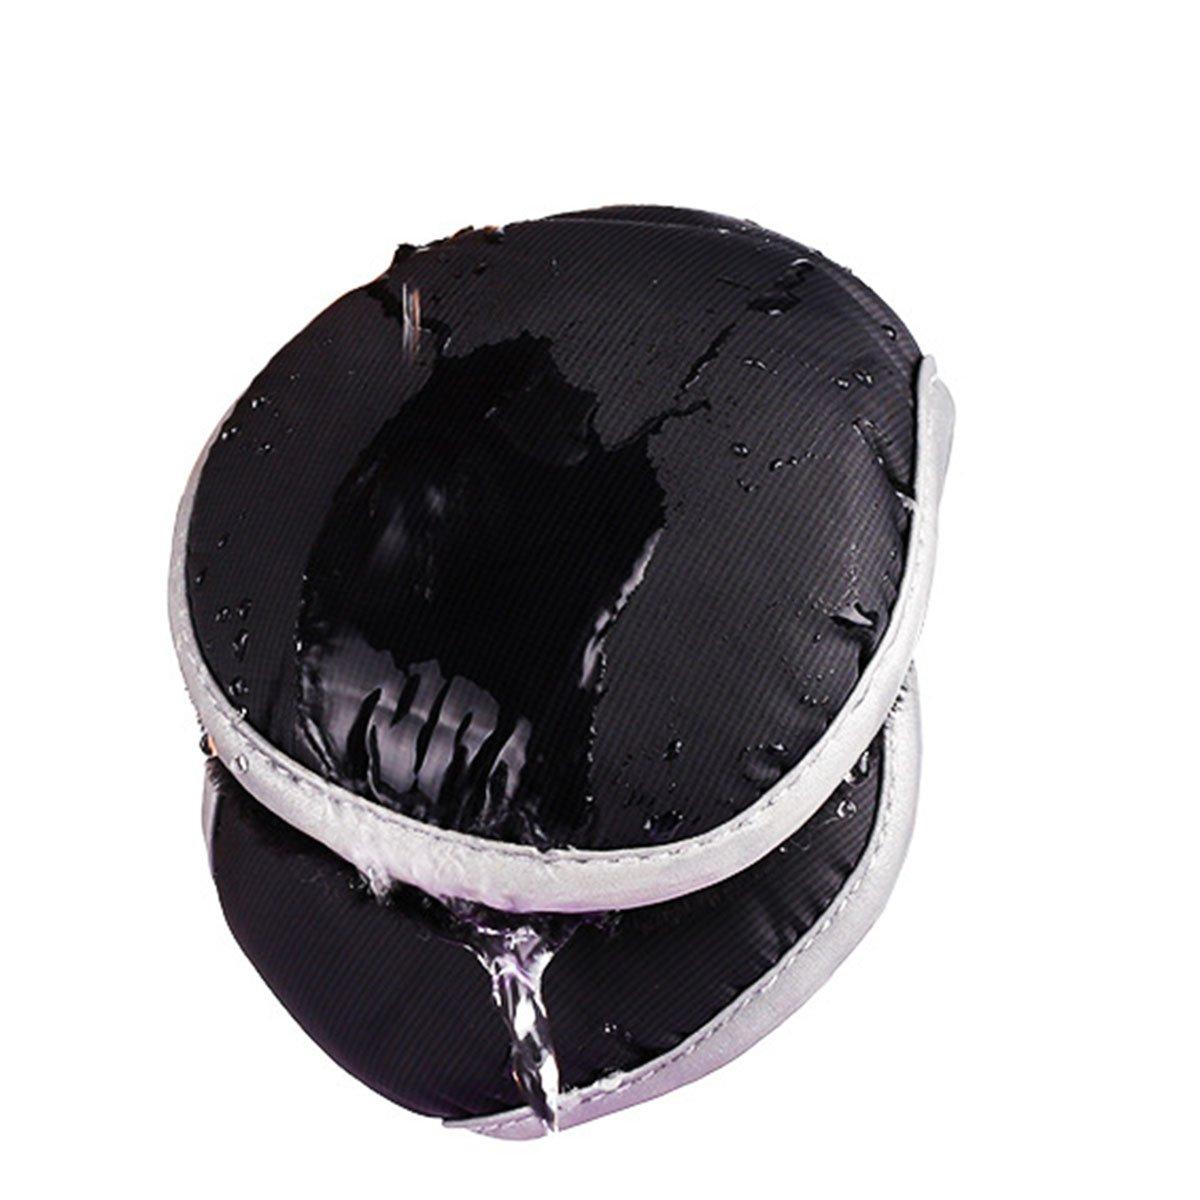 Unisex impermeabile paraorecchie pieghevole Tukistore inverno caldo regolabile Earhook paraorecchie accessori invernali allaperto per le signore e gli uomini